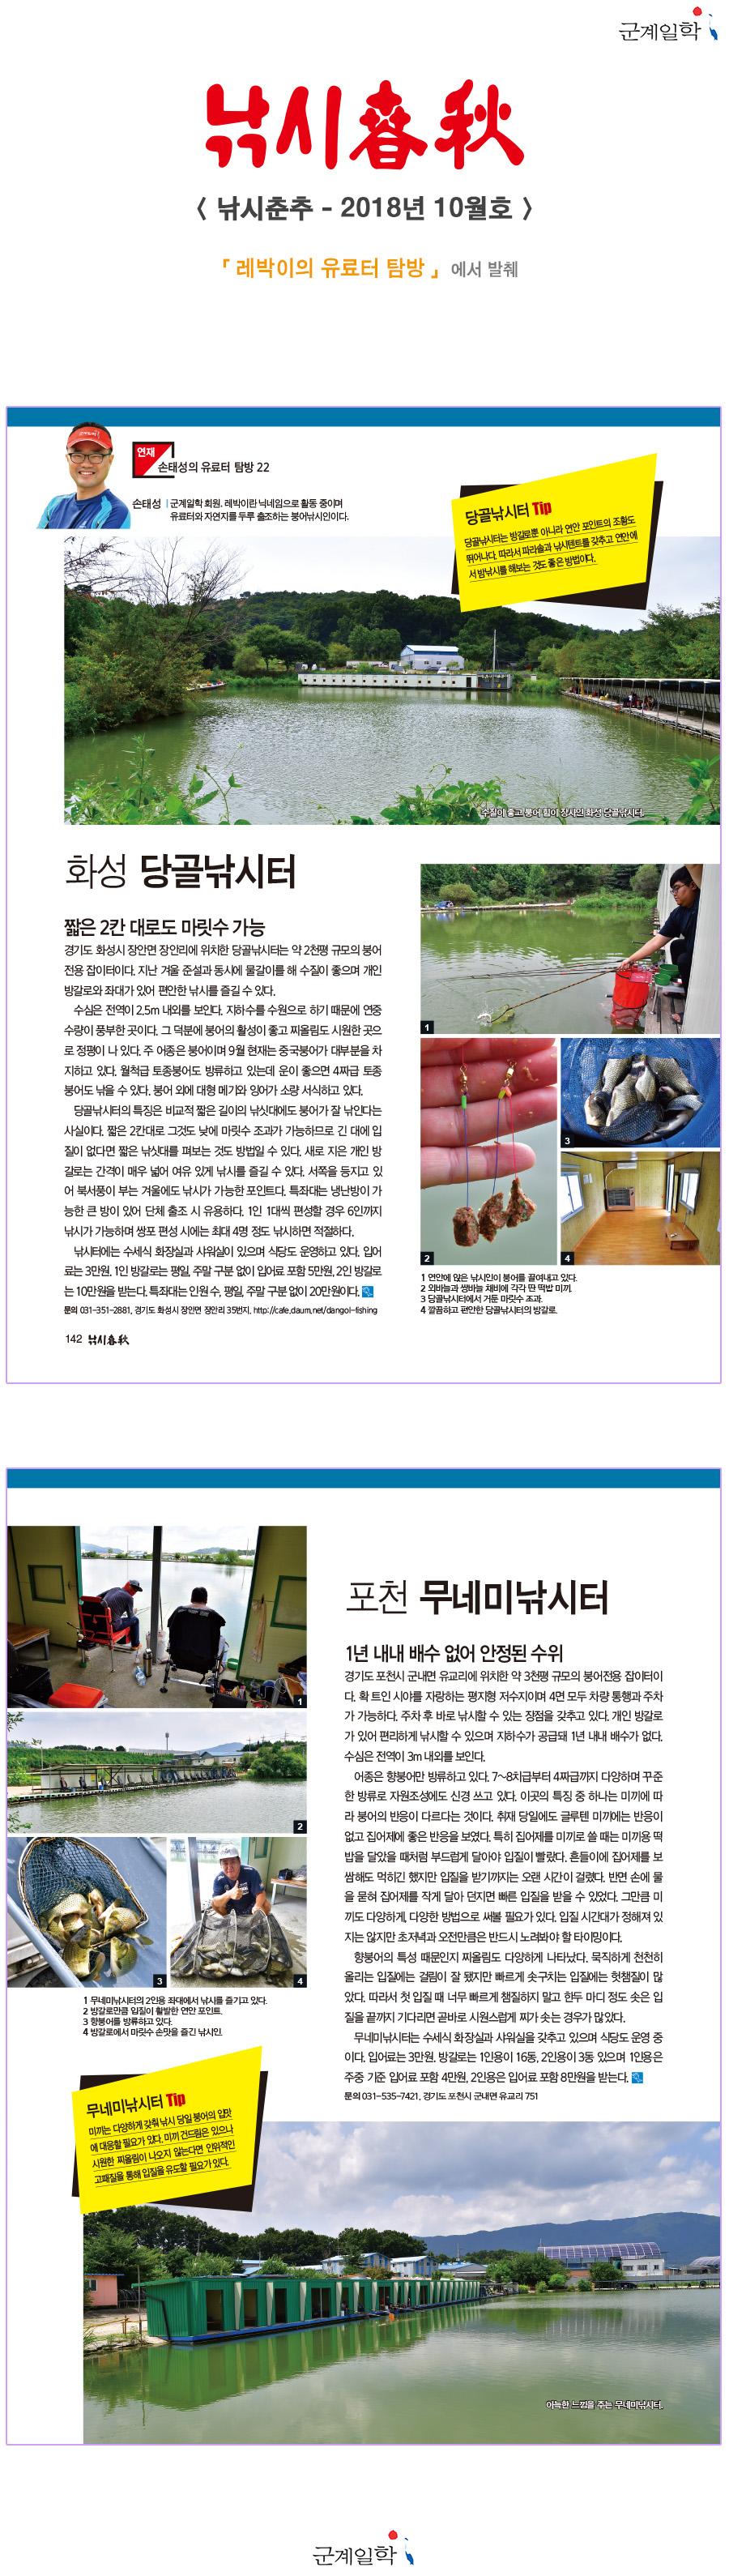 낚시춘추 2018년 10월호 - 레박이의 낚시터 탐방.jpg